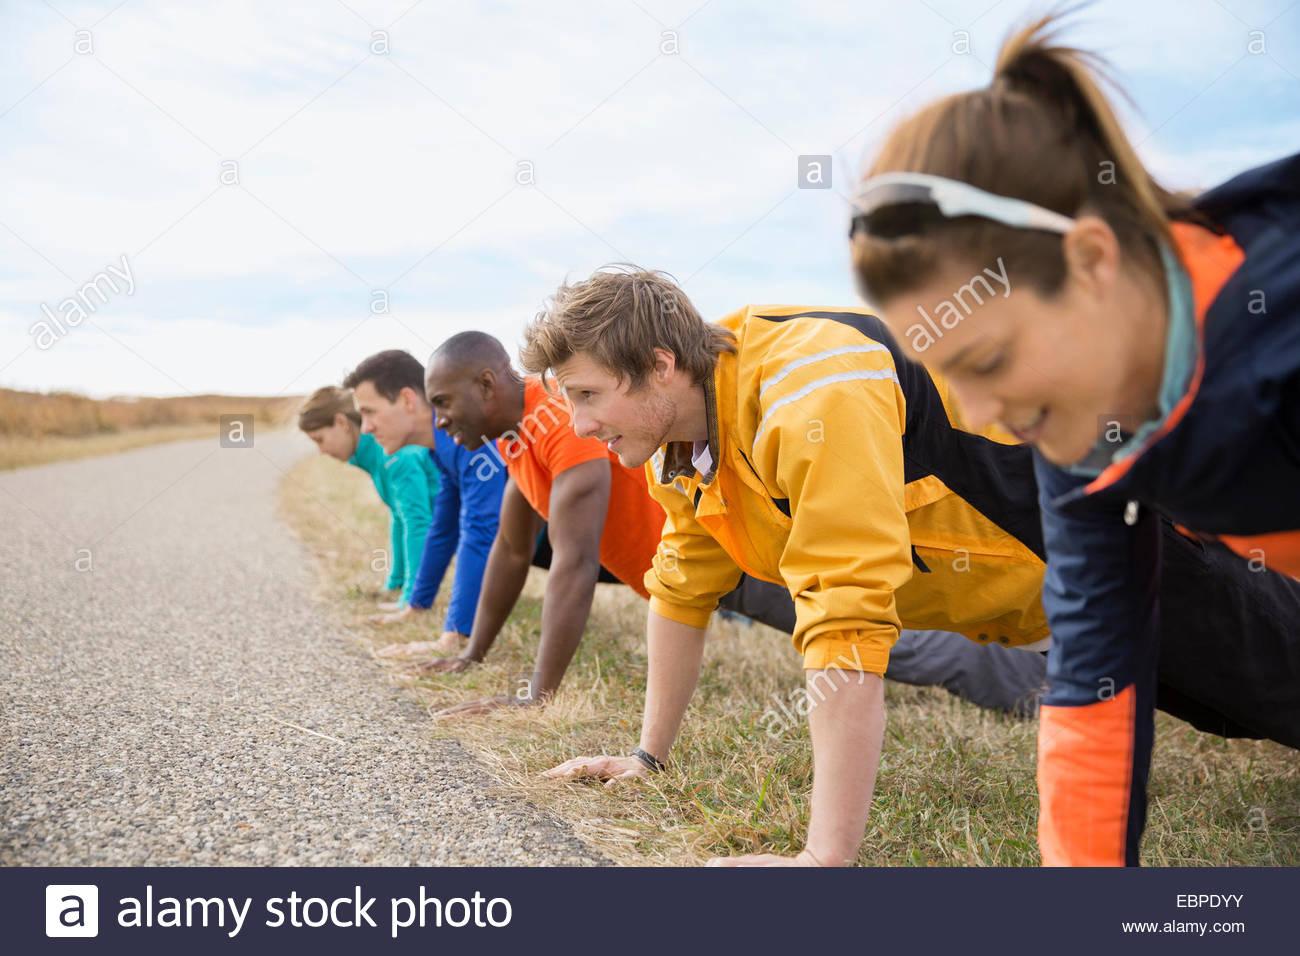 Grupo haciendo push-ups en una fila Imagen De Stock